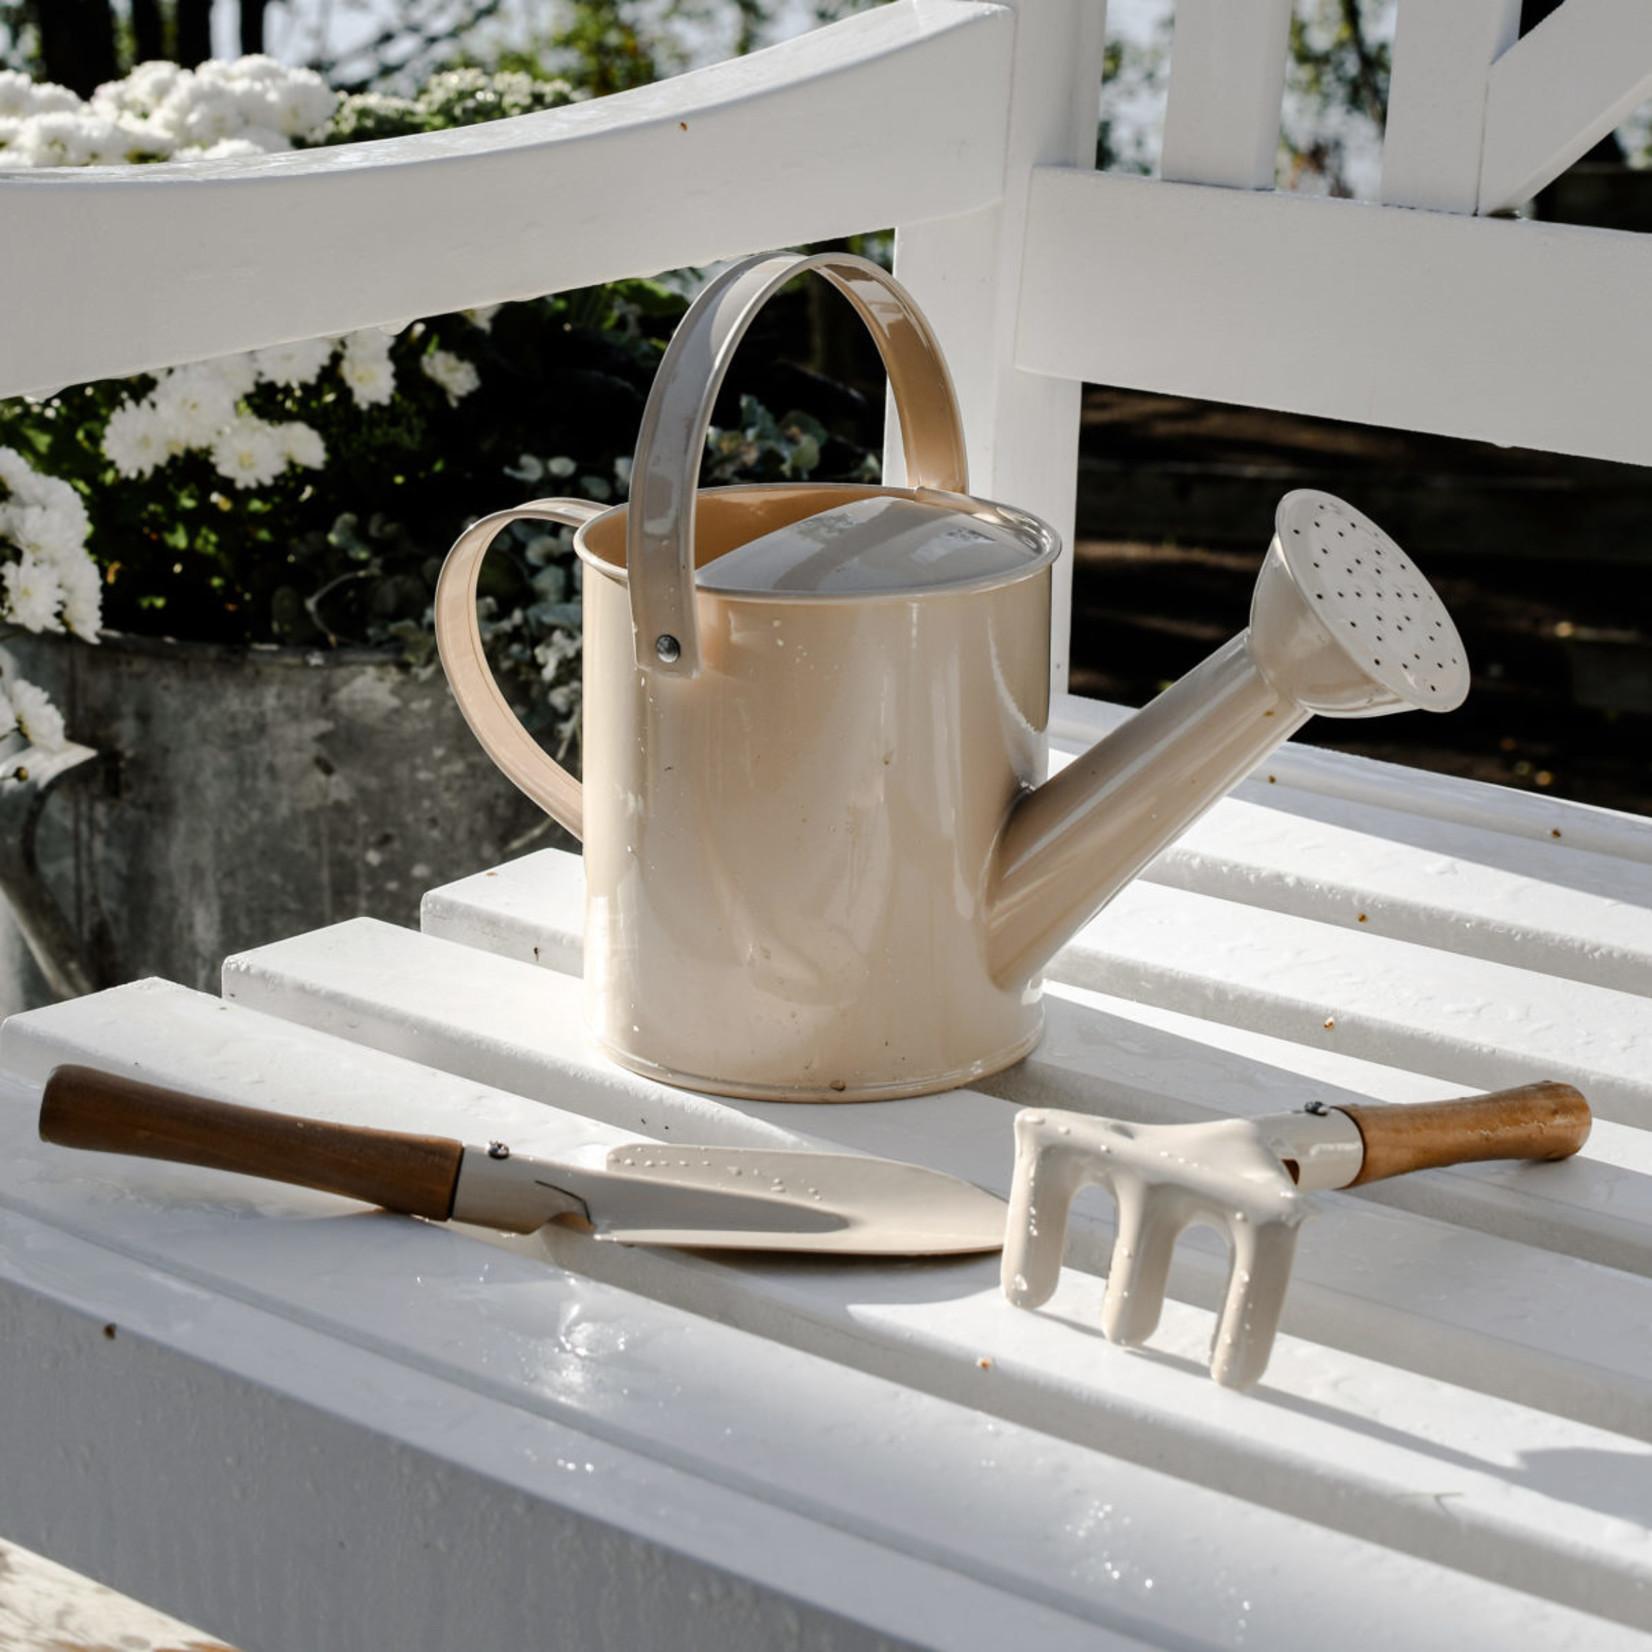 Storefactory  Gartenset beige